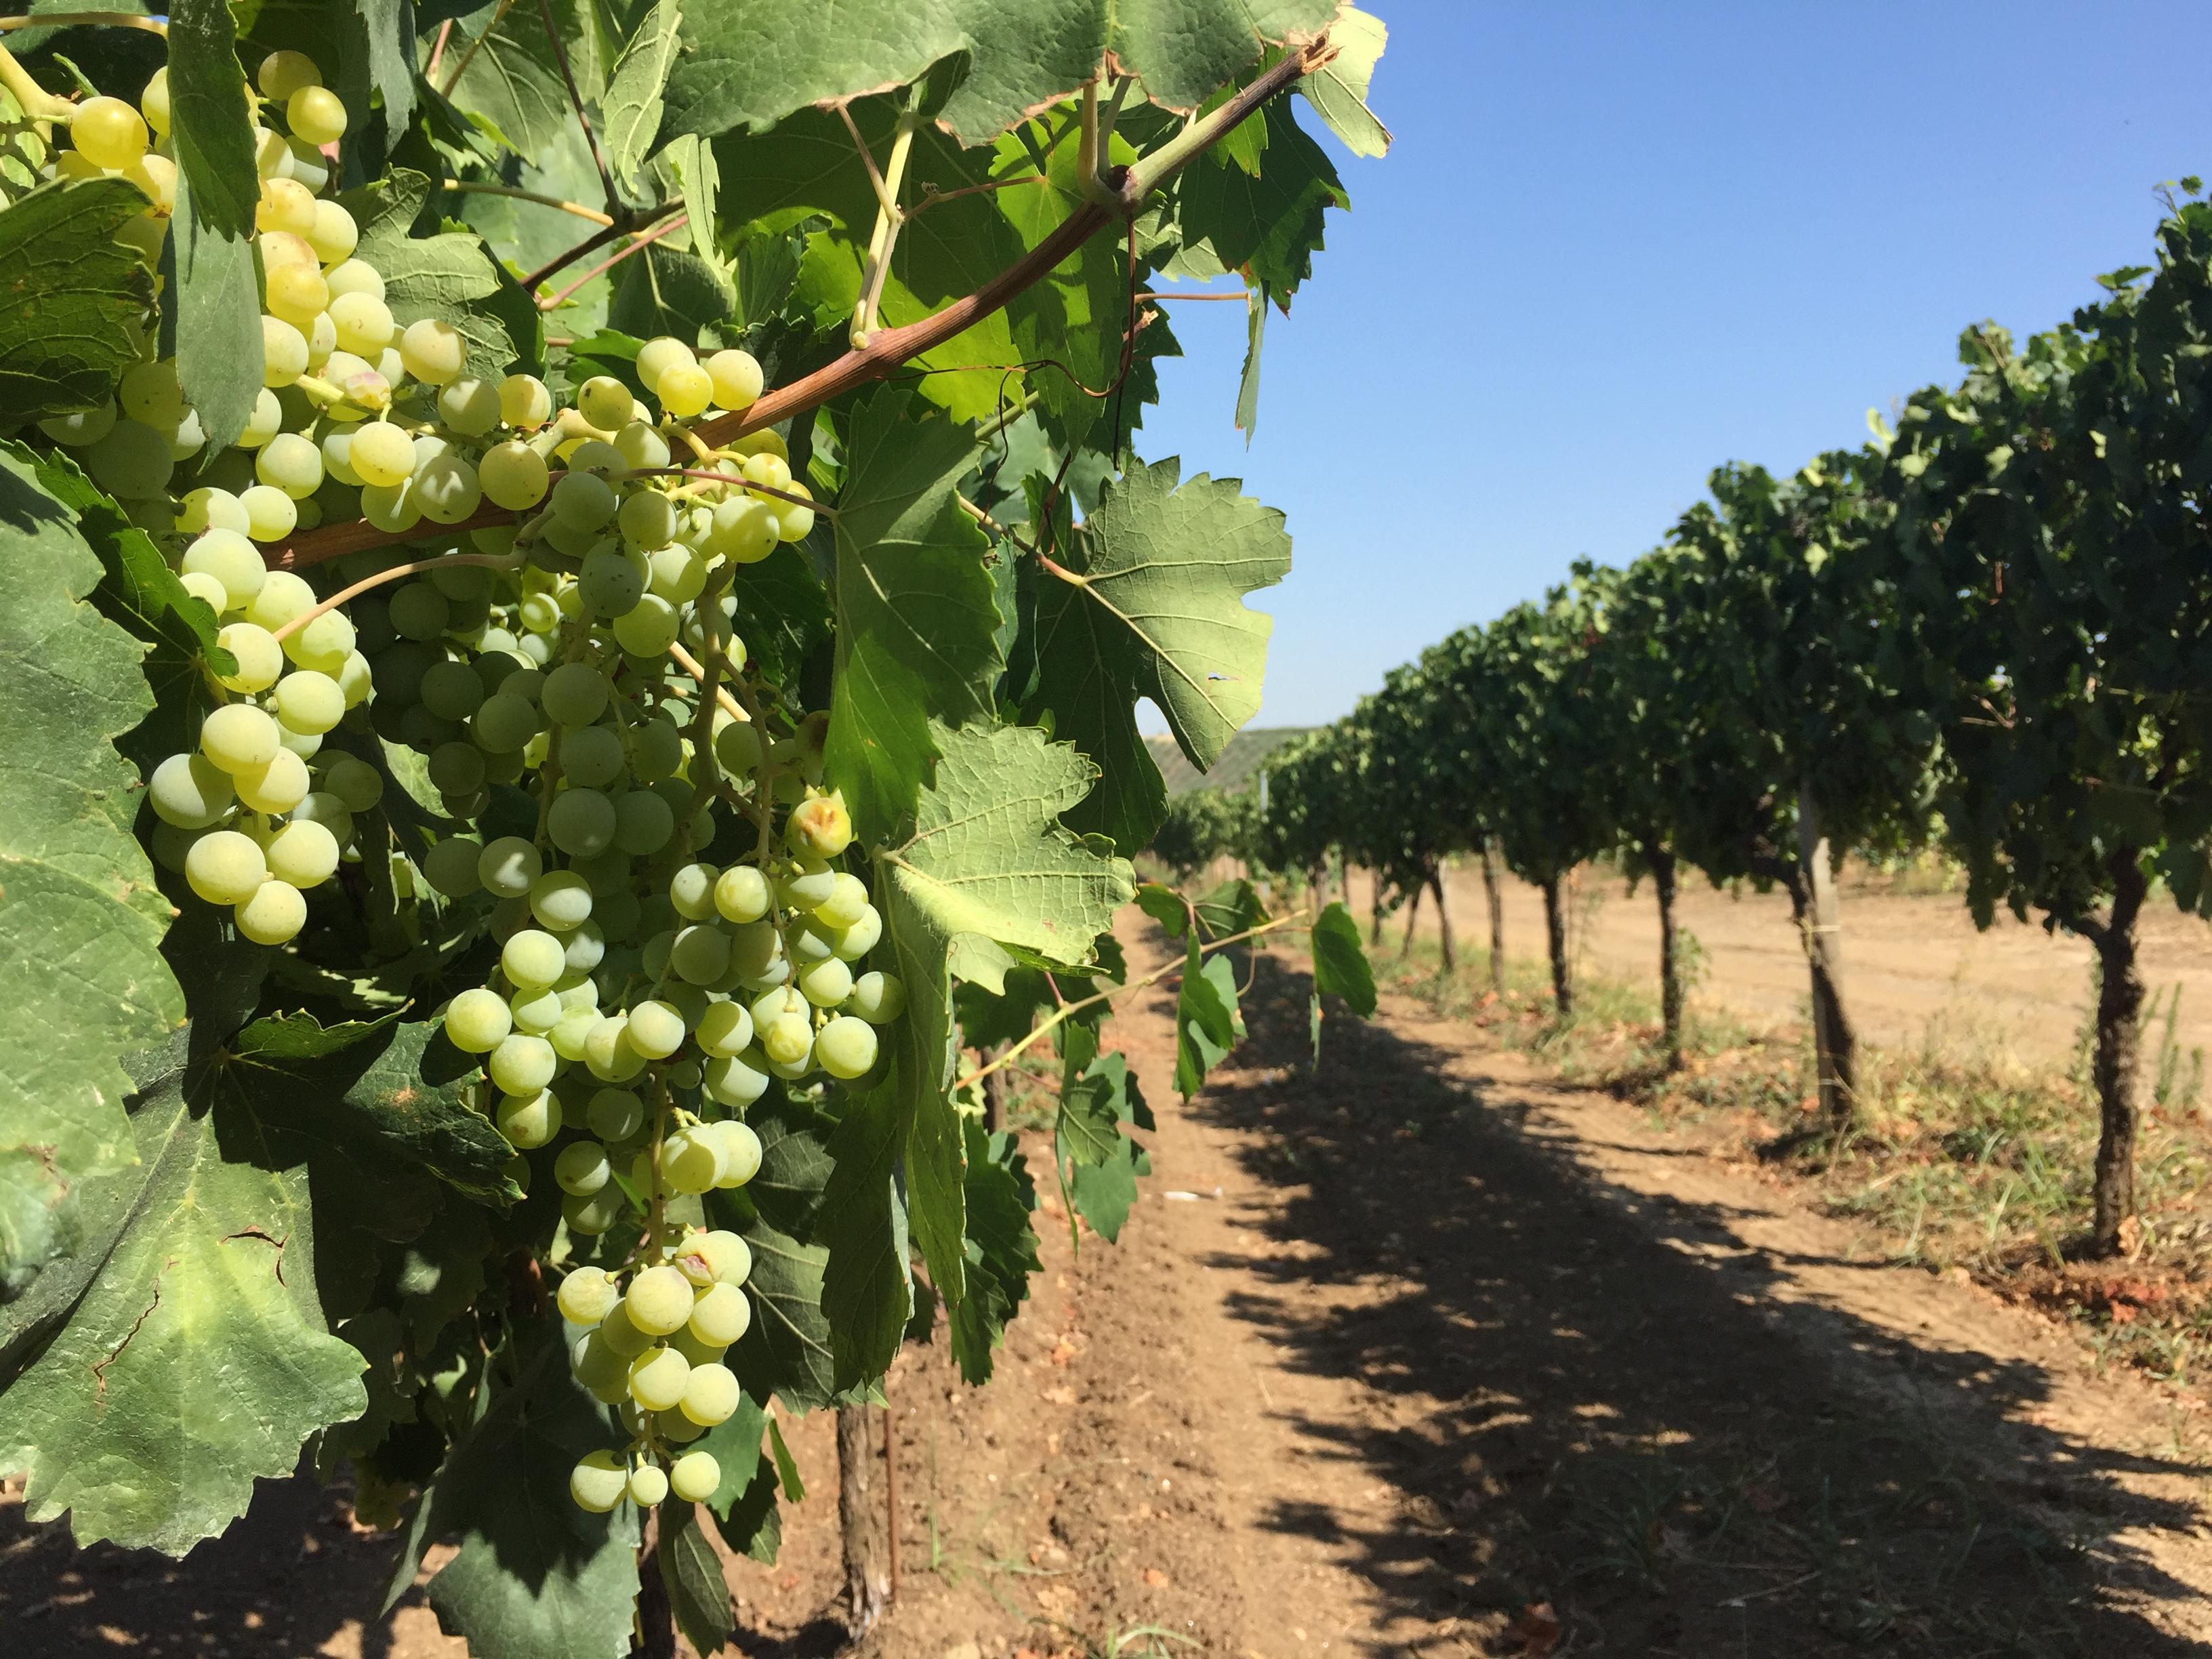 Frascati grapes